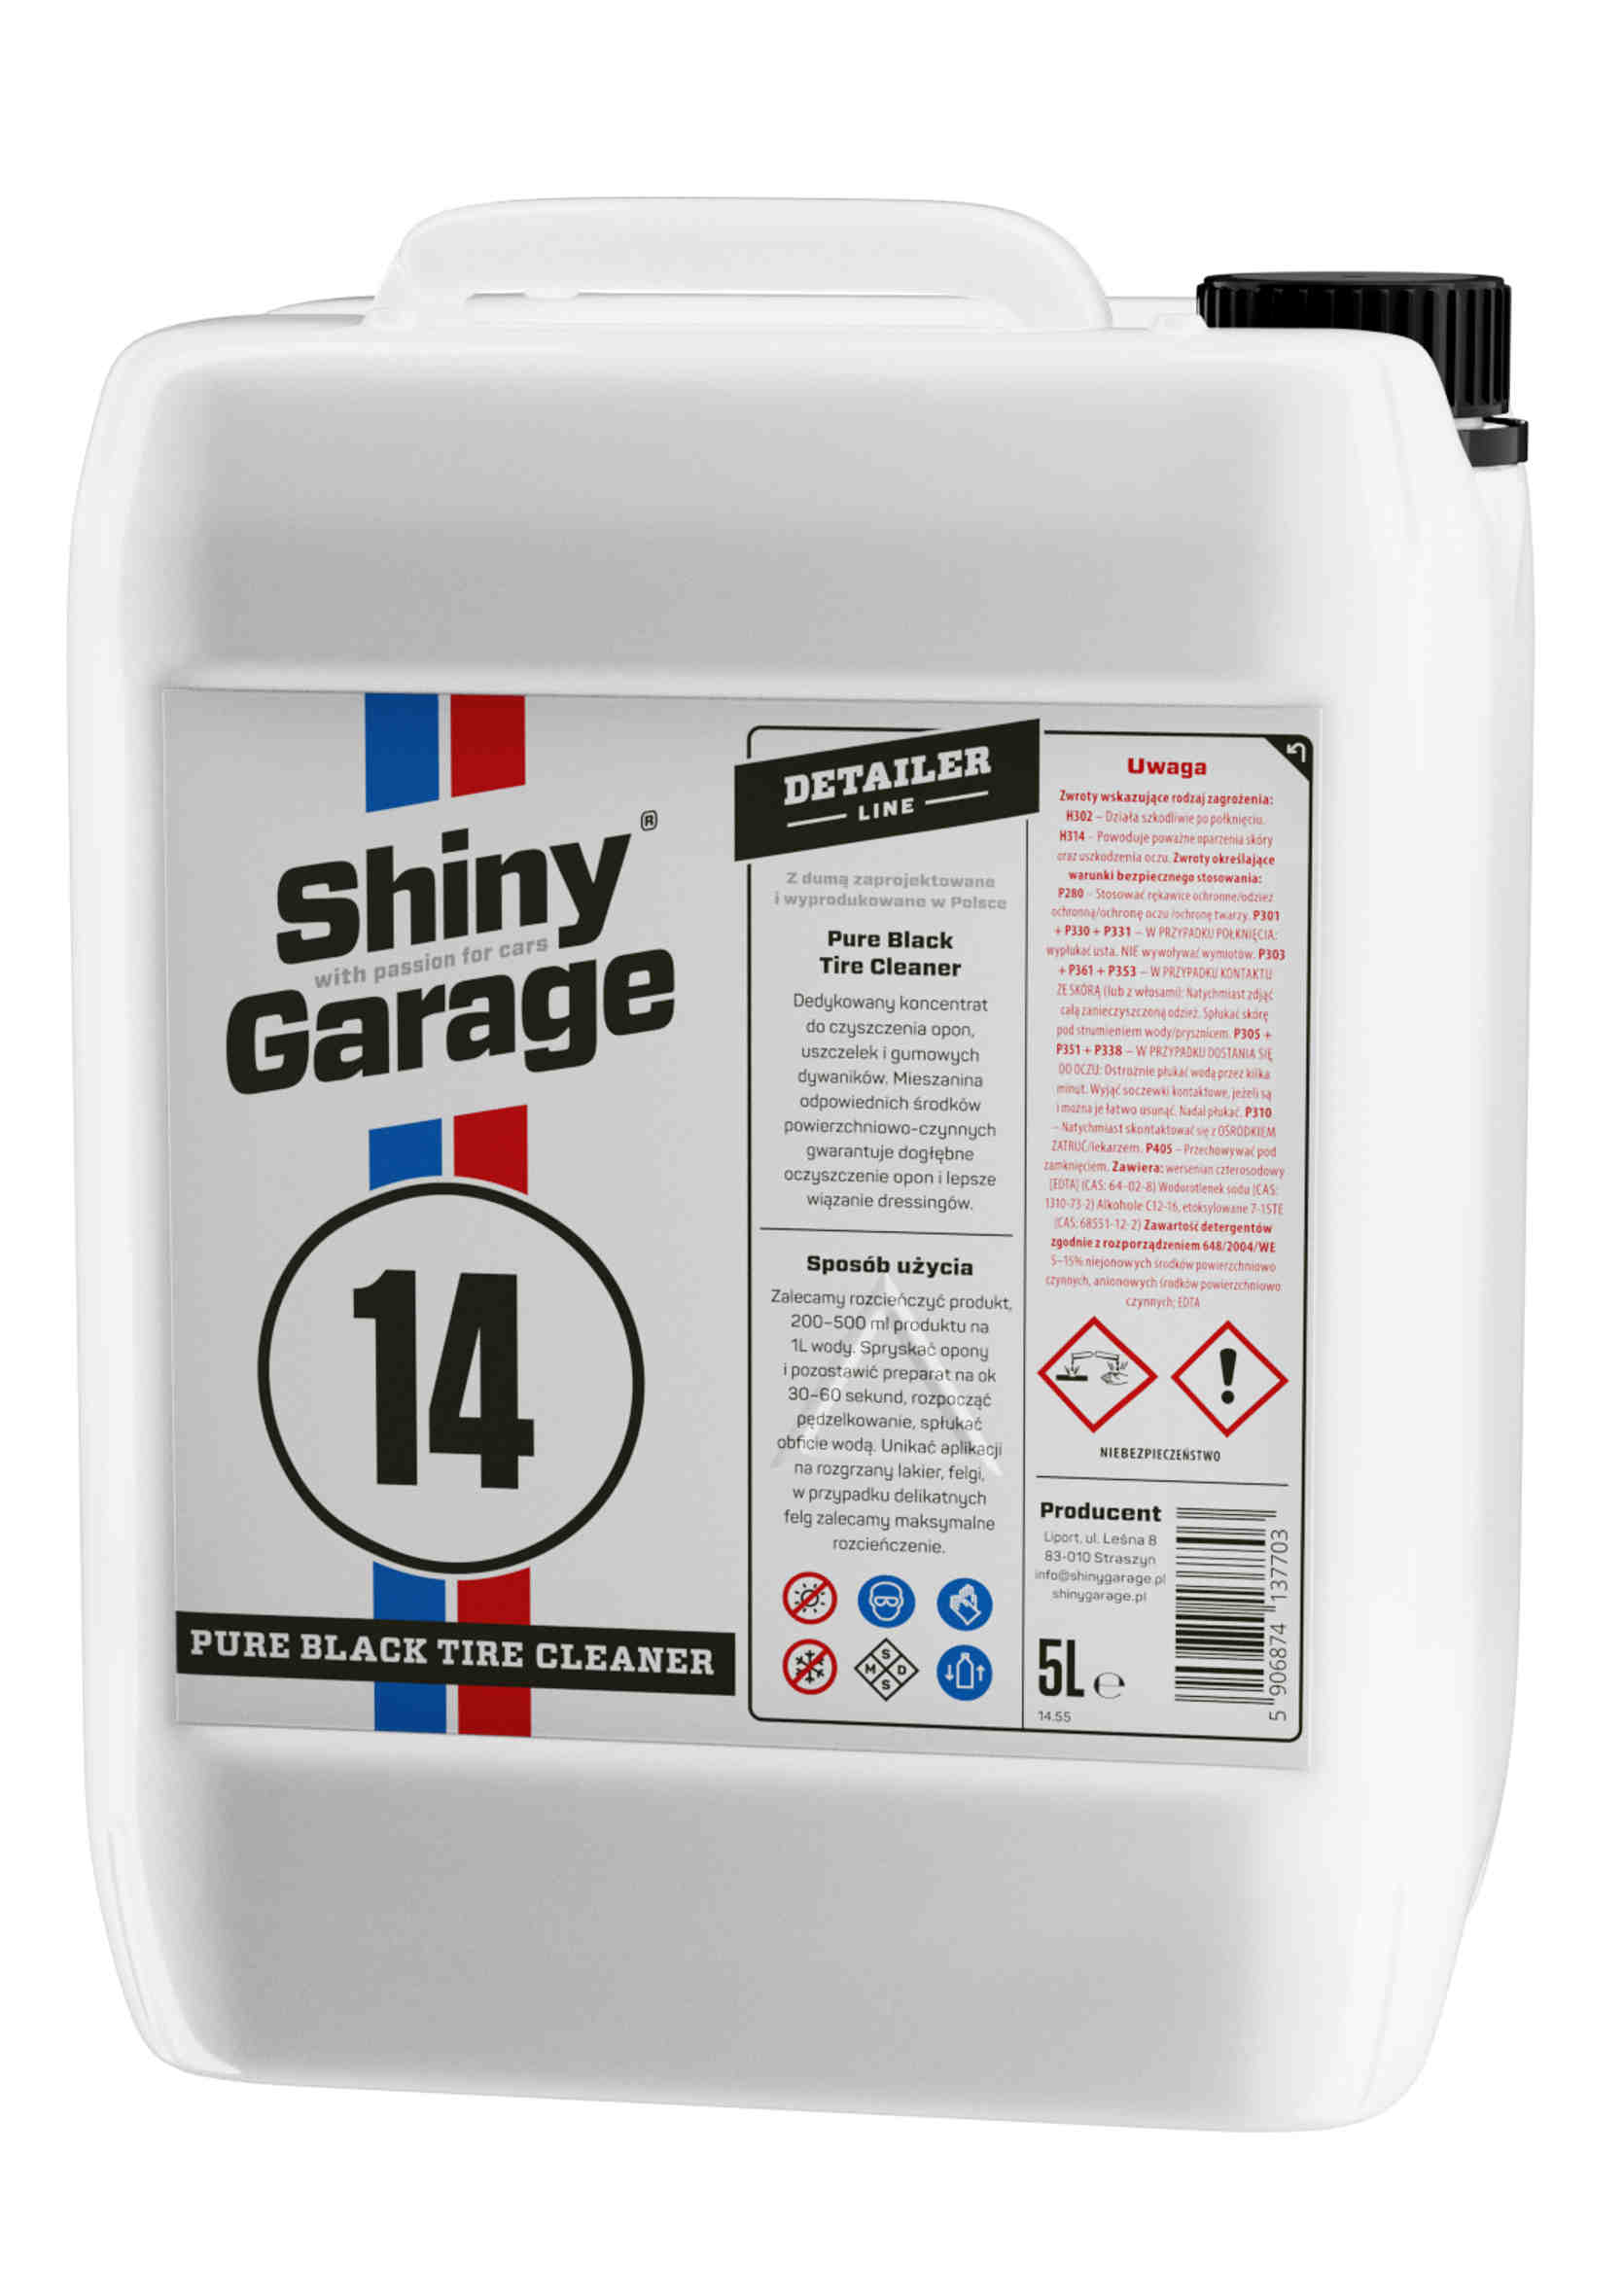 Shiny Garage Pure Black Tire Cleaner 5L Koncentrat do Czyszczenia Opon